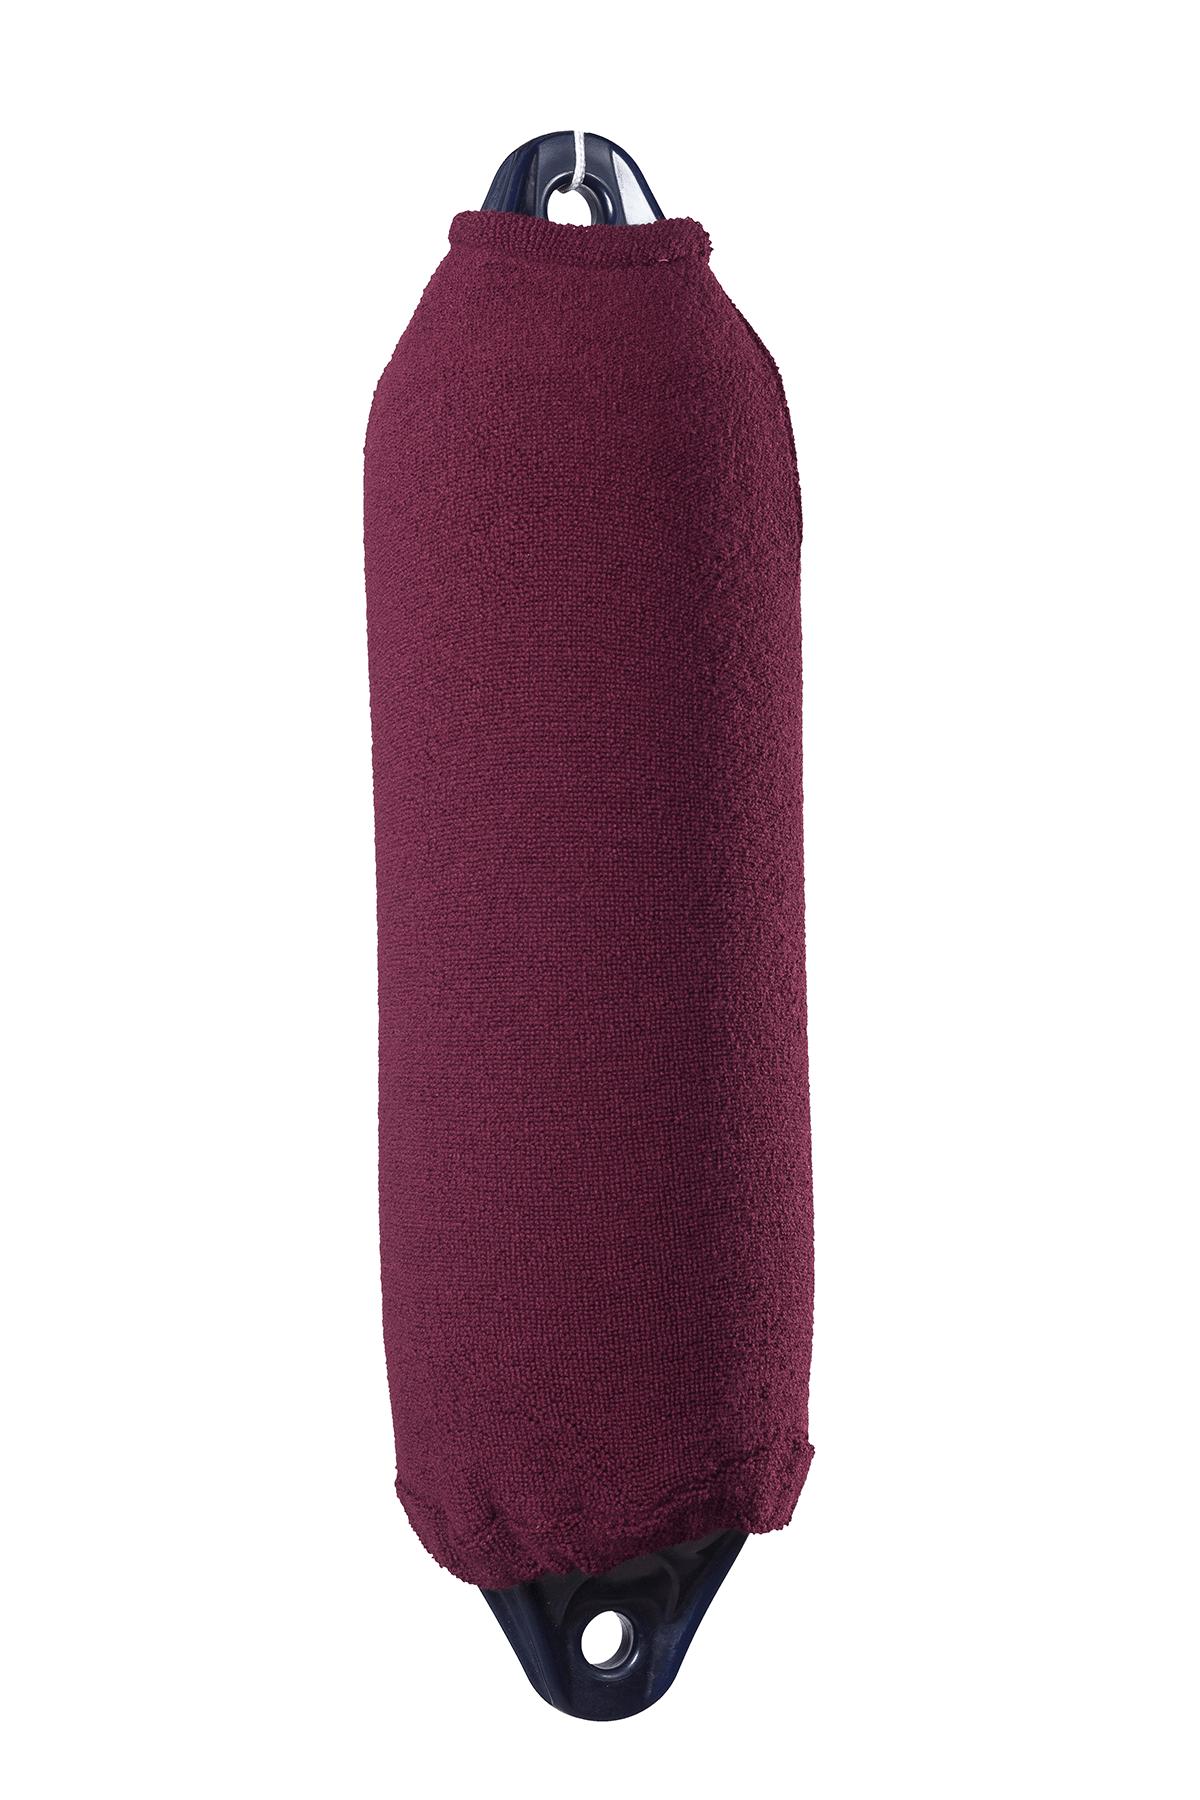 59.16 - Καλύμματα Μακρόστενων Μπαλονιών 104cm Χρώματος Μπορντό - Σετ Των 2 Τεμαχίων